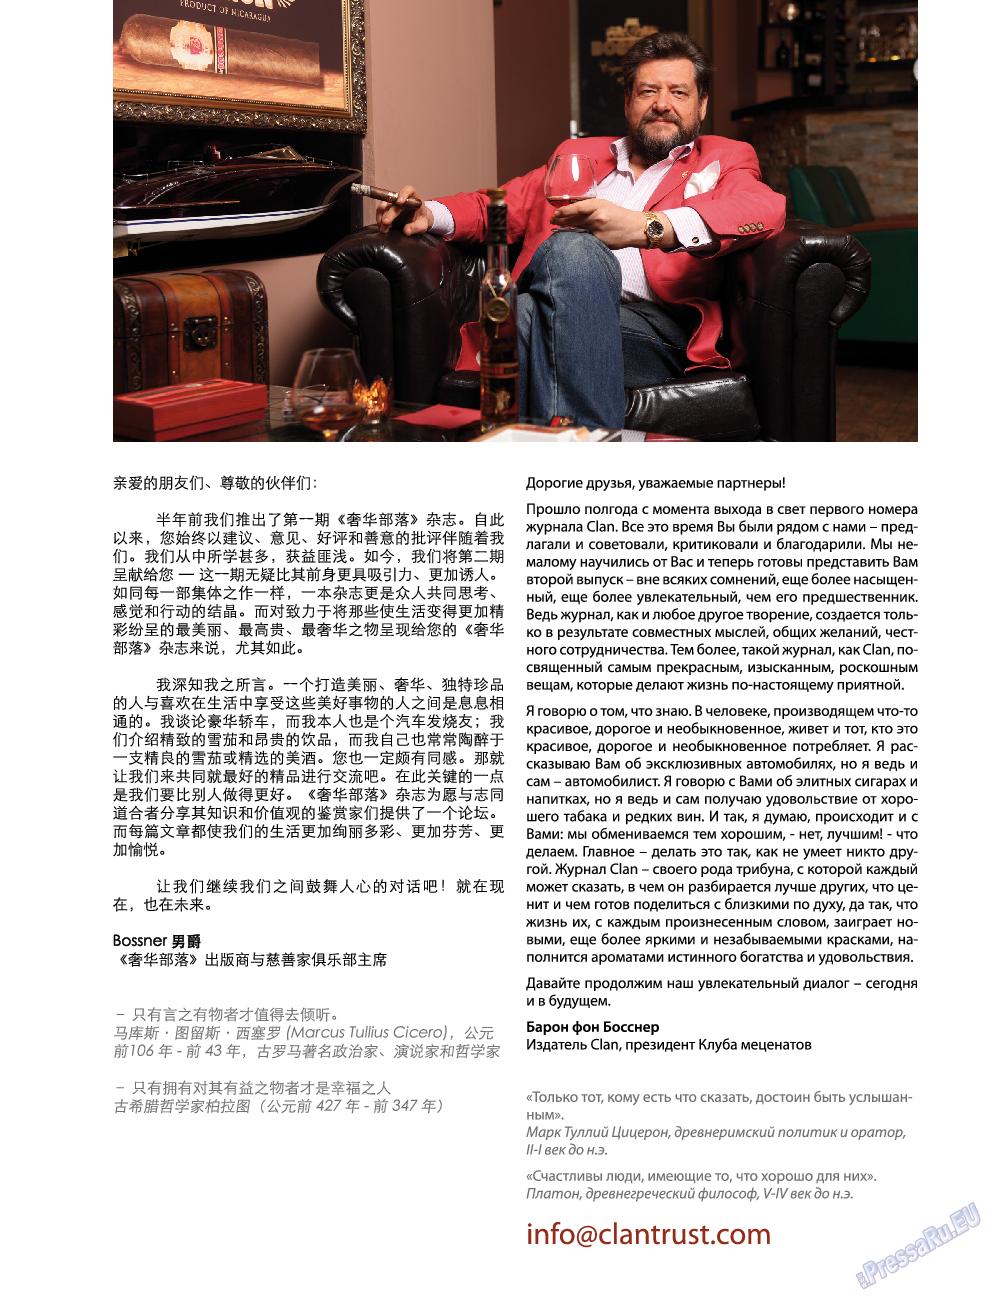 Клан (журнал). 2012 год, номер 2, стр. 3